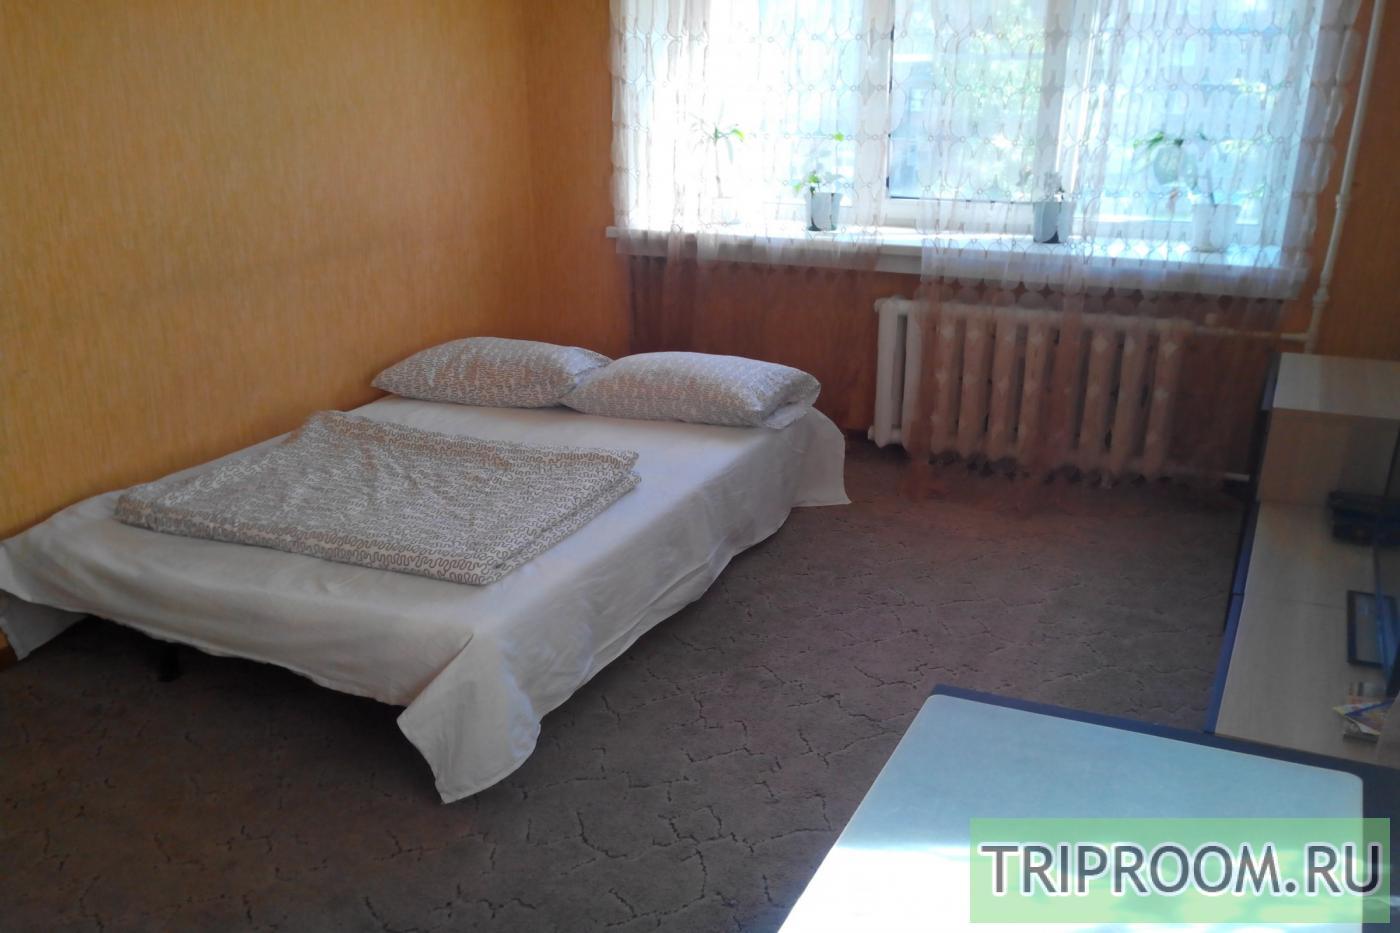 1-комнатная квартира посуточно (вариант № 5761), ул. Карла Маркса проспект, фото № 5